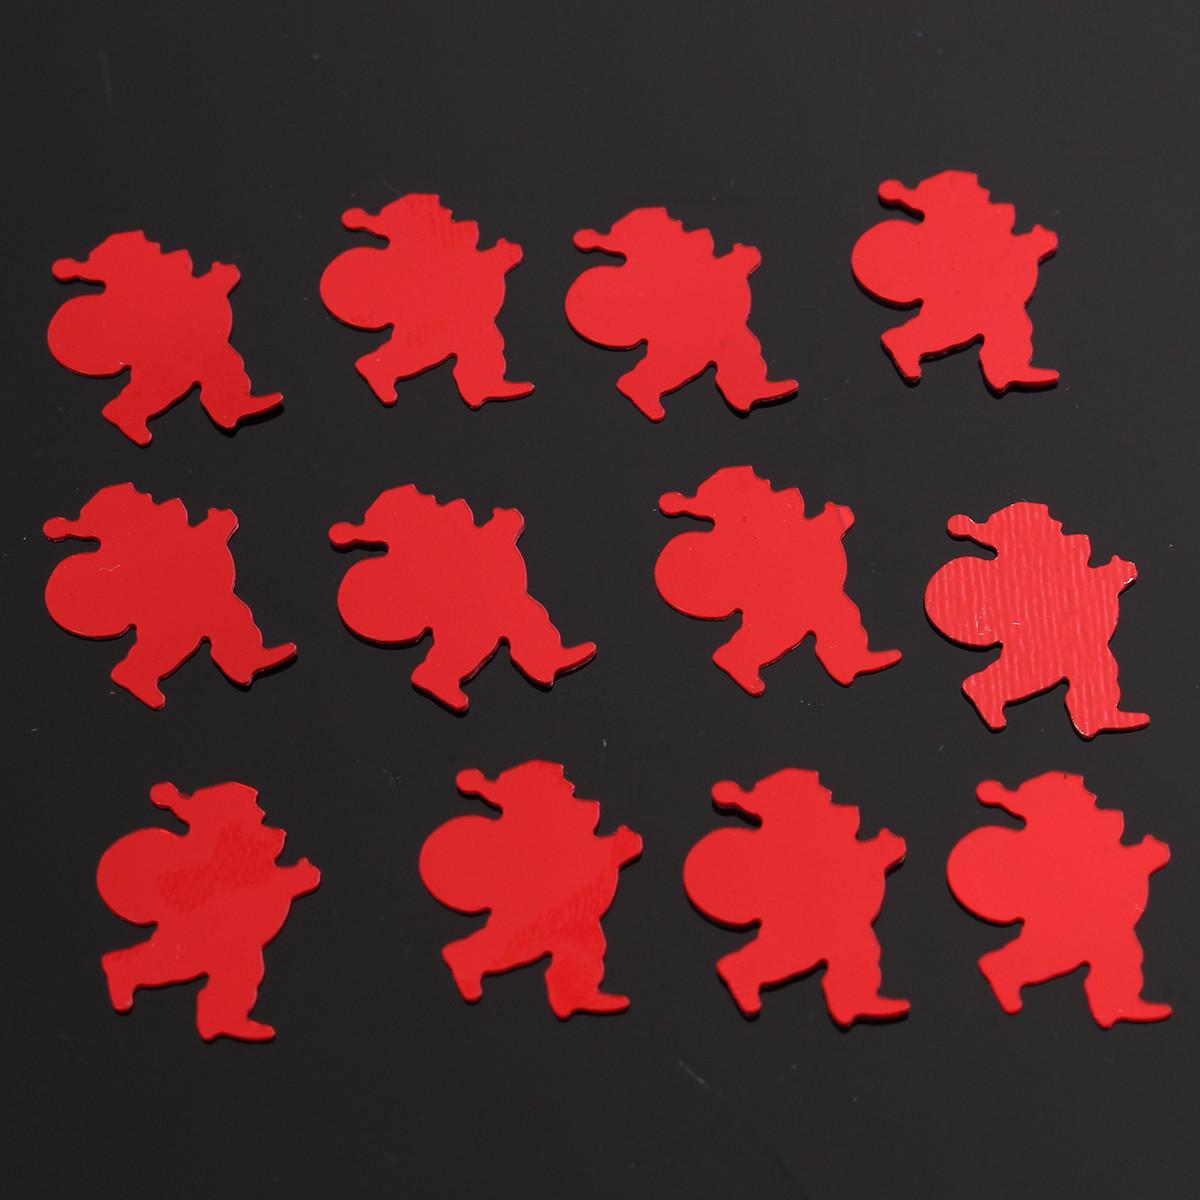 600 ~~~number=plural~~poss 800pcs Рождество Санта-Клаус украшения пластиковые принадлежности конфетти партии - ➊TopShop ➠ Товары из Китая с бесплатной доставкой в Украину! в Днепре